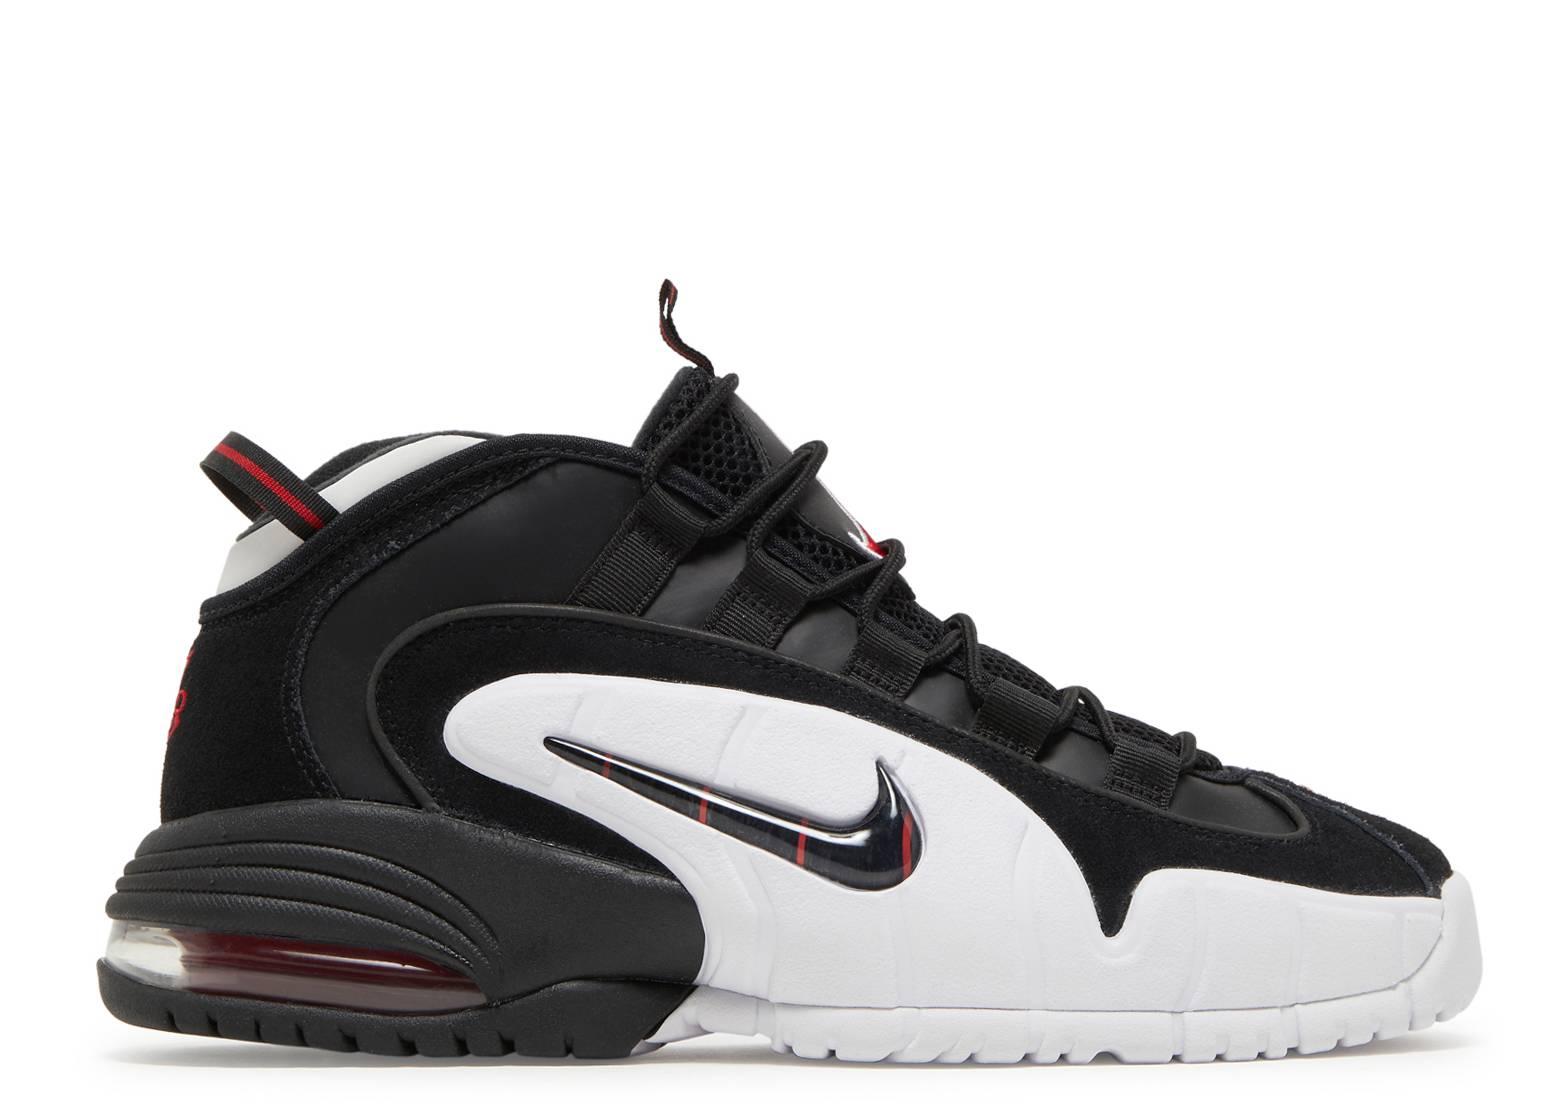 40daca0412c Air Max Penny - Nike - 685153 003 - black black-white